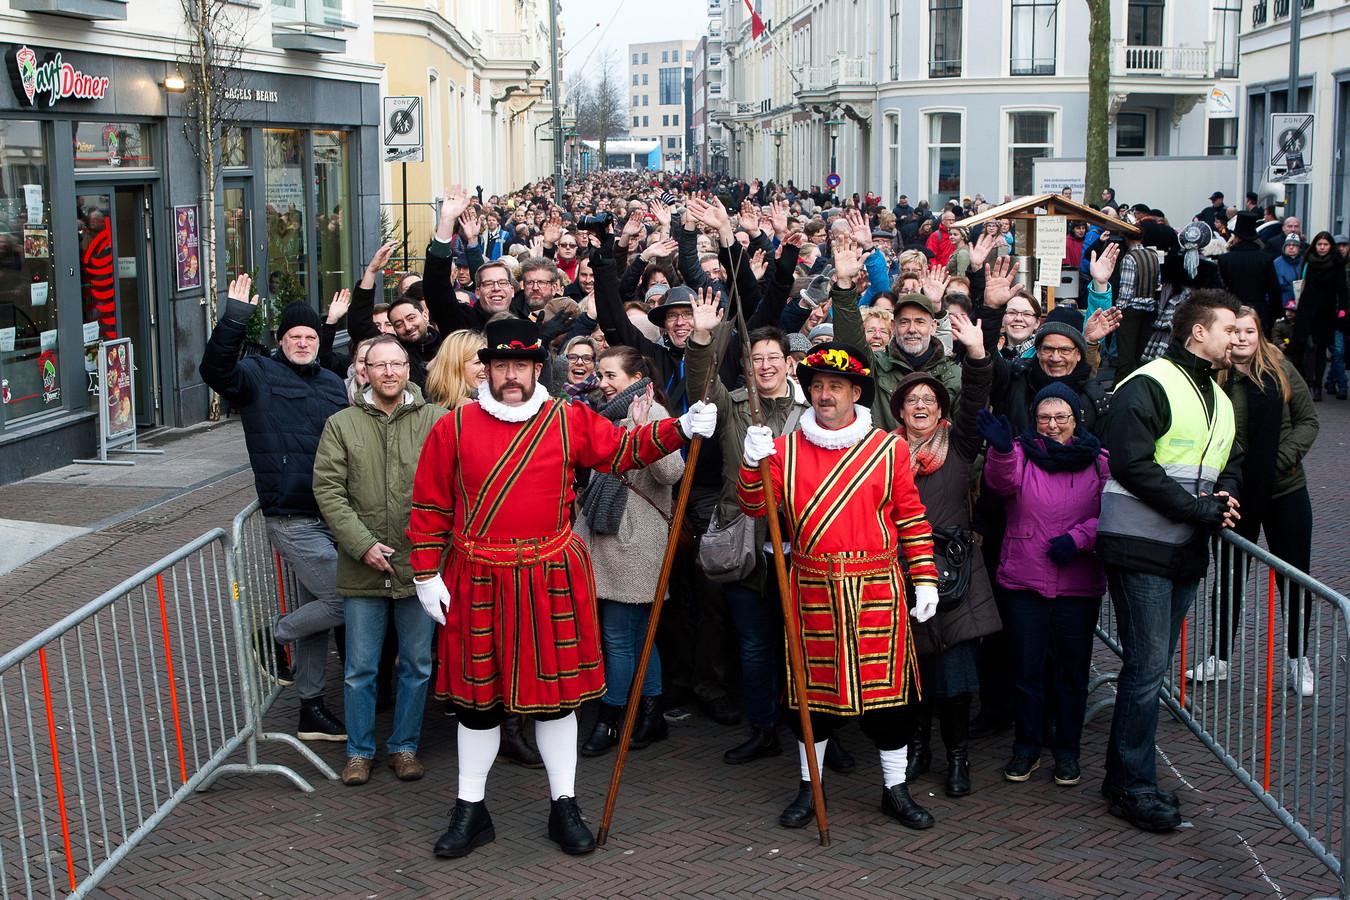 Wachten is gereguleerd, maar duurde vorig jaar maximaal 1 uur en 12 minuten bij Dickens in Deventer.